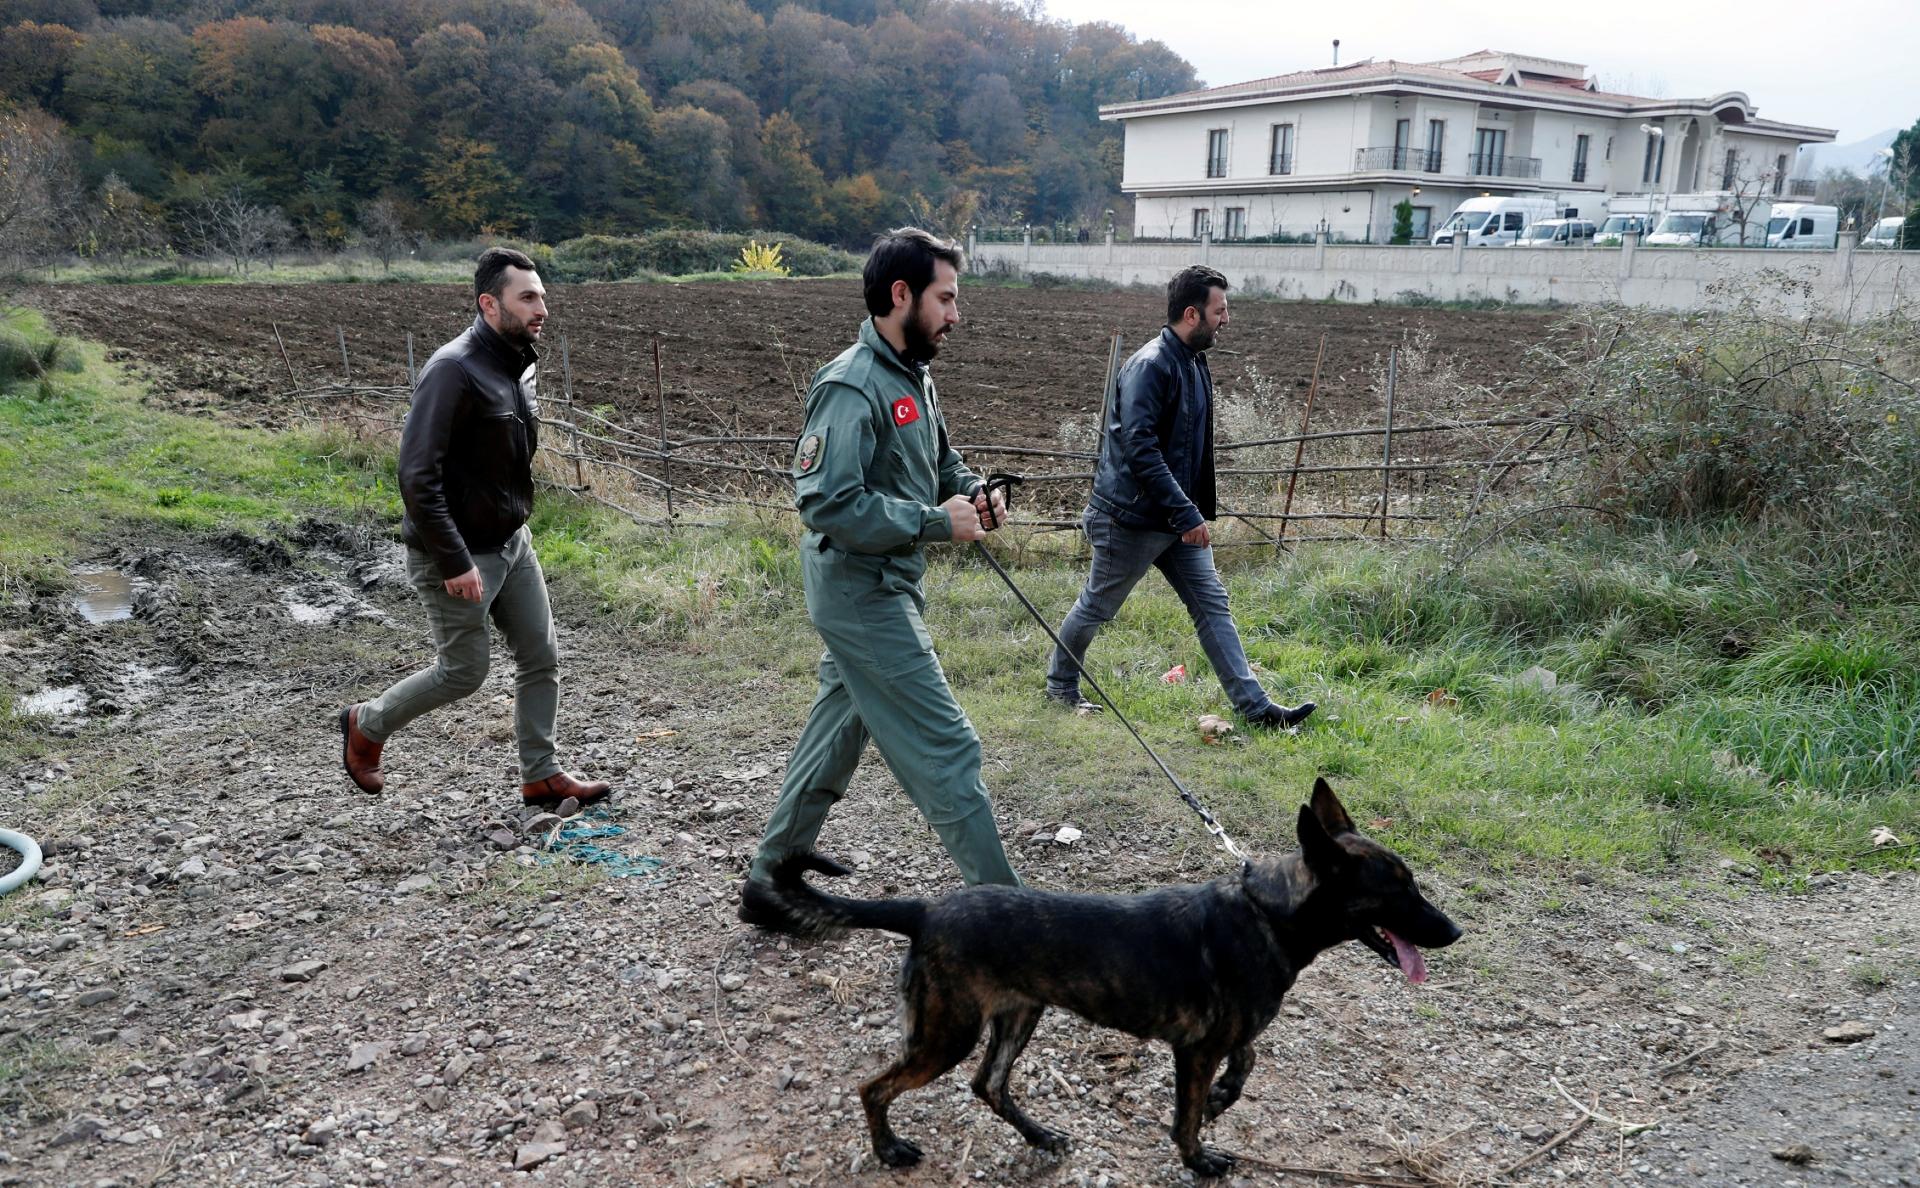 Турецкие полицейские, расследующие убийство Джамаля Хашкаджи, обследуют окрестности виллы в деревне Саманли в провинции Ялова